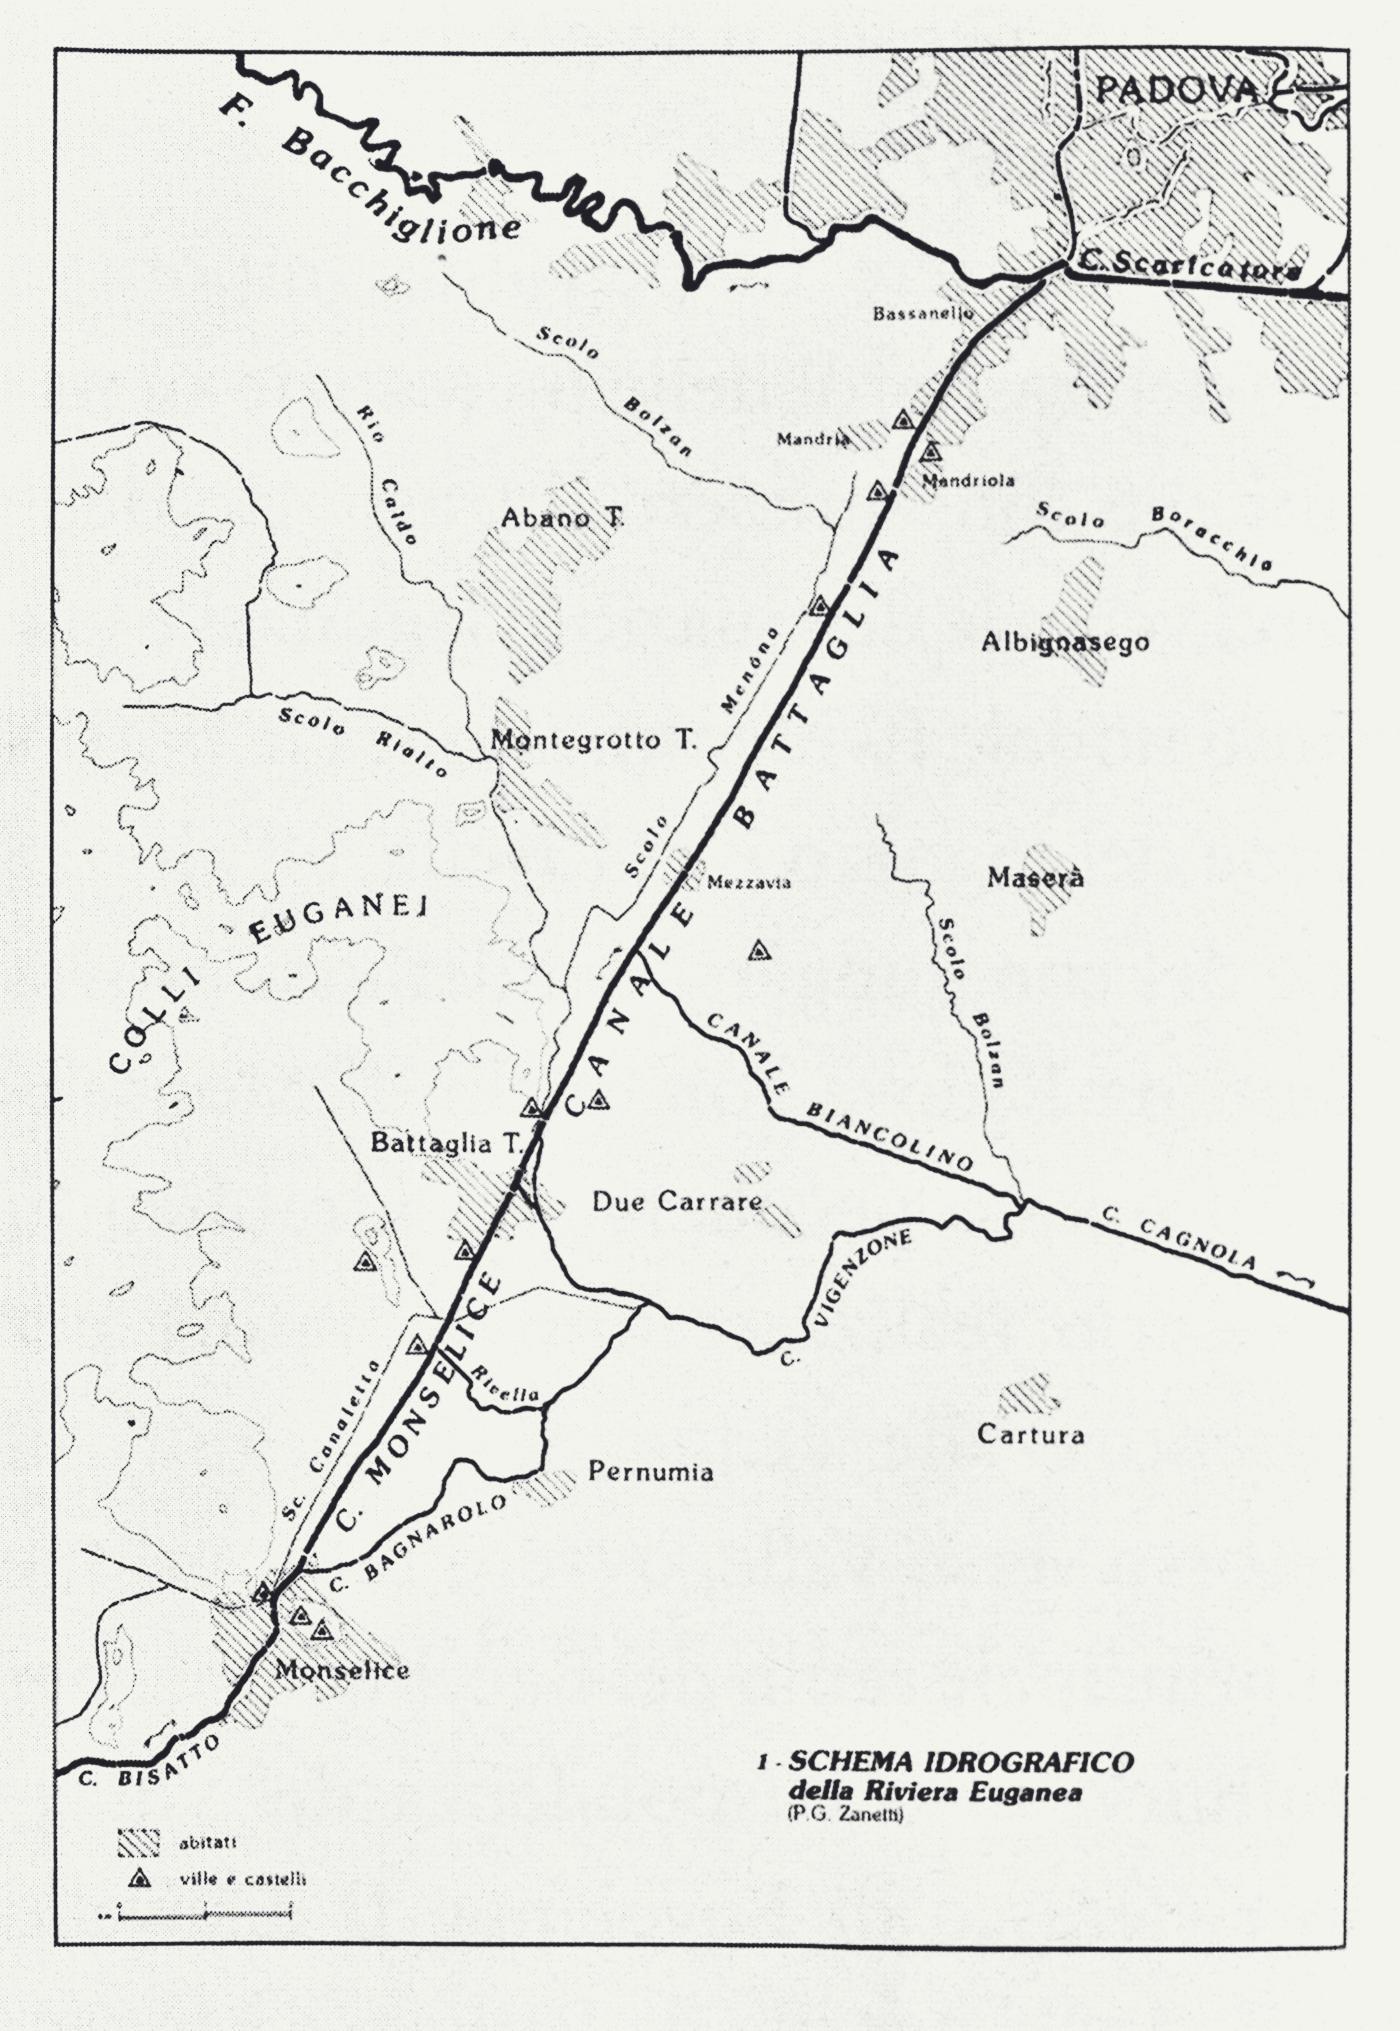 Il canale di Battaglia che lambisce i Colli Euganei e il connesso sistema idrografico.